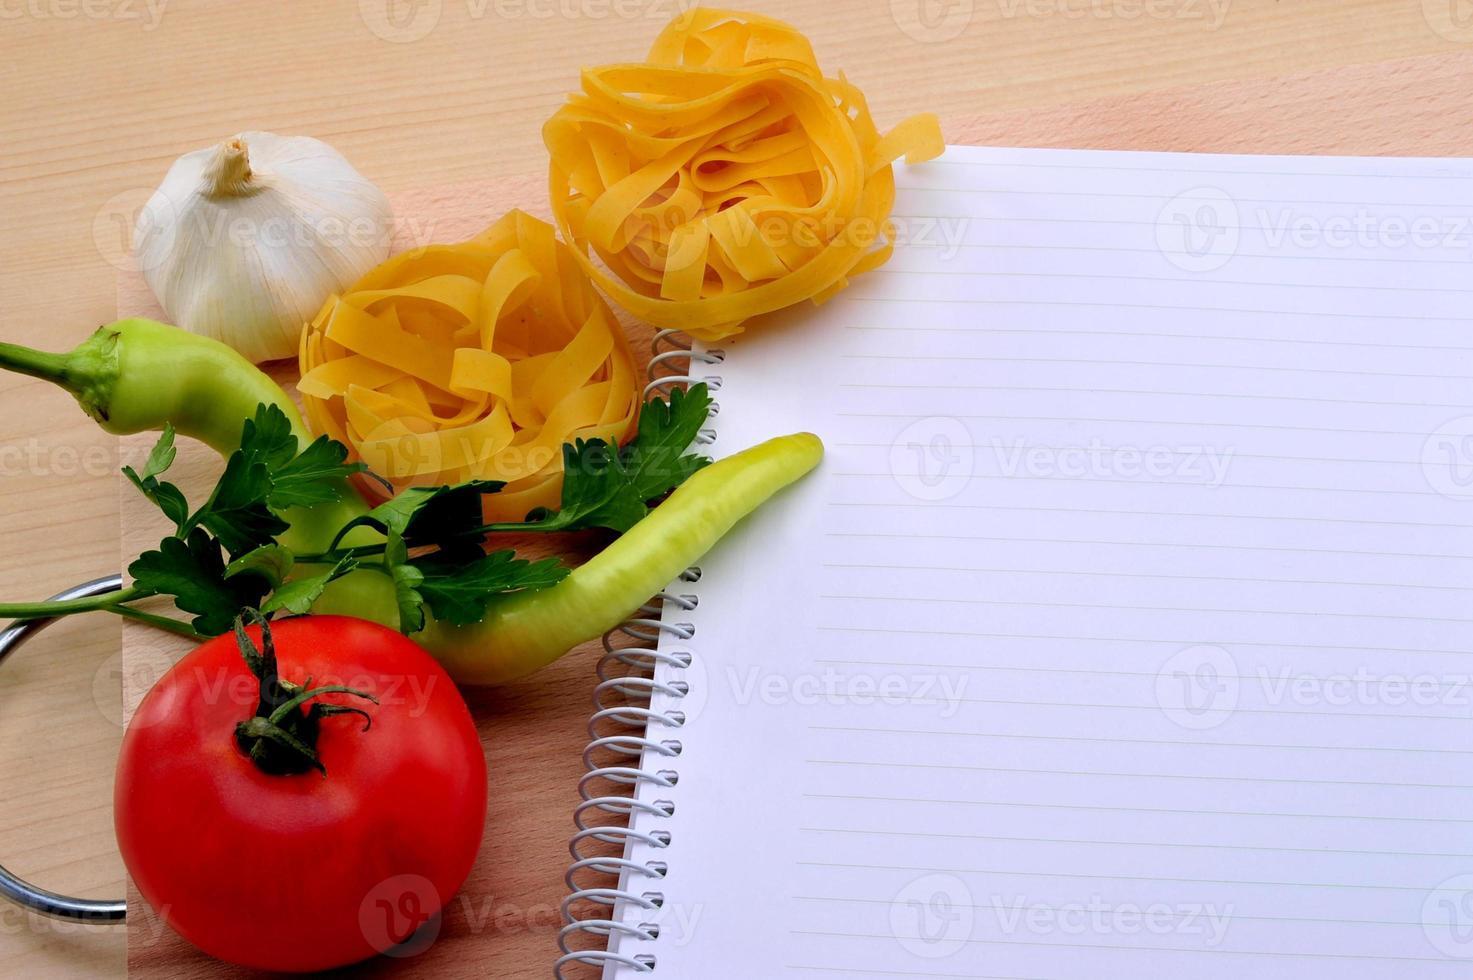 con libro de recetas en blanco, tomates, pimientos verdes foto